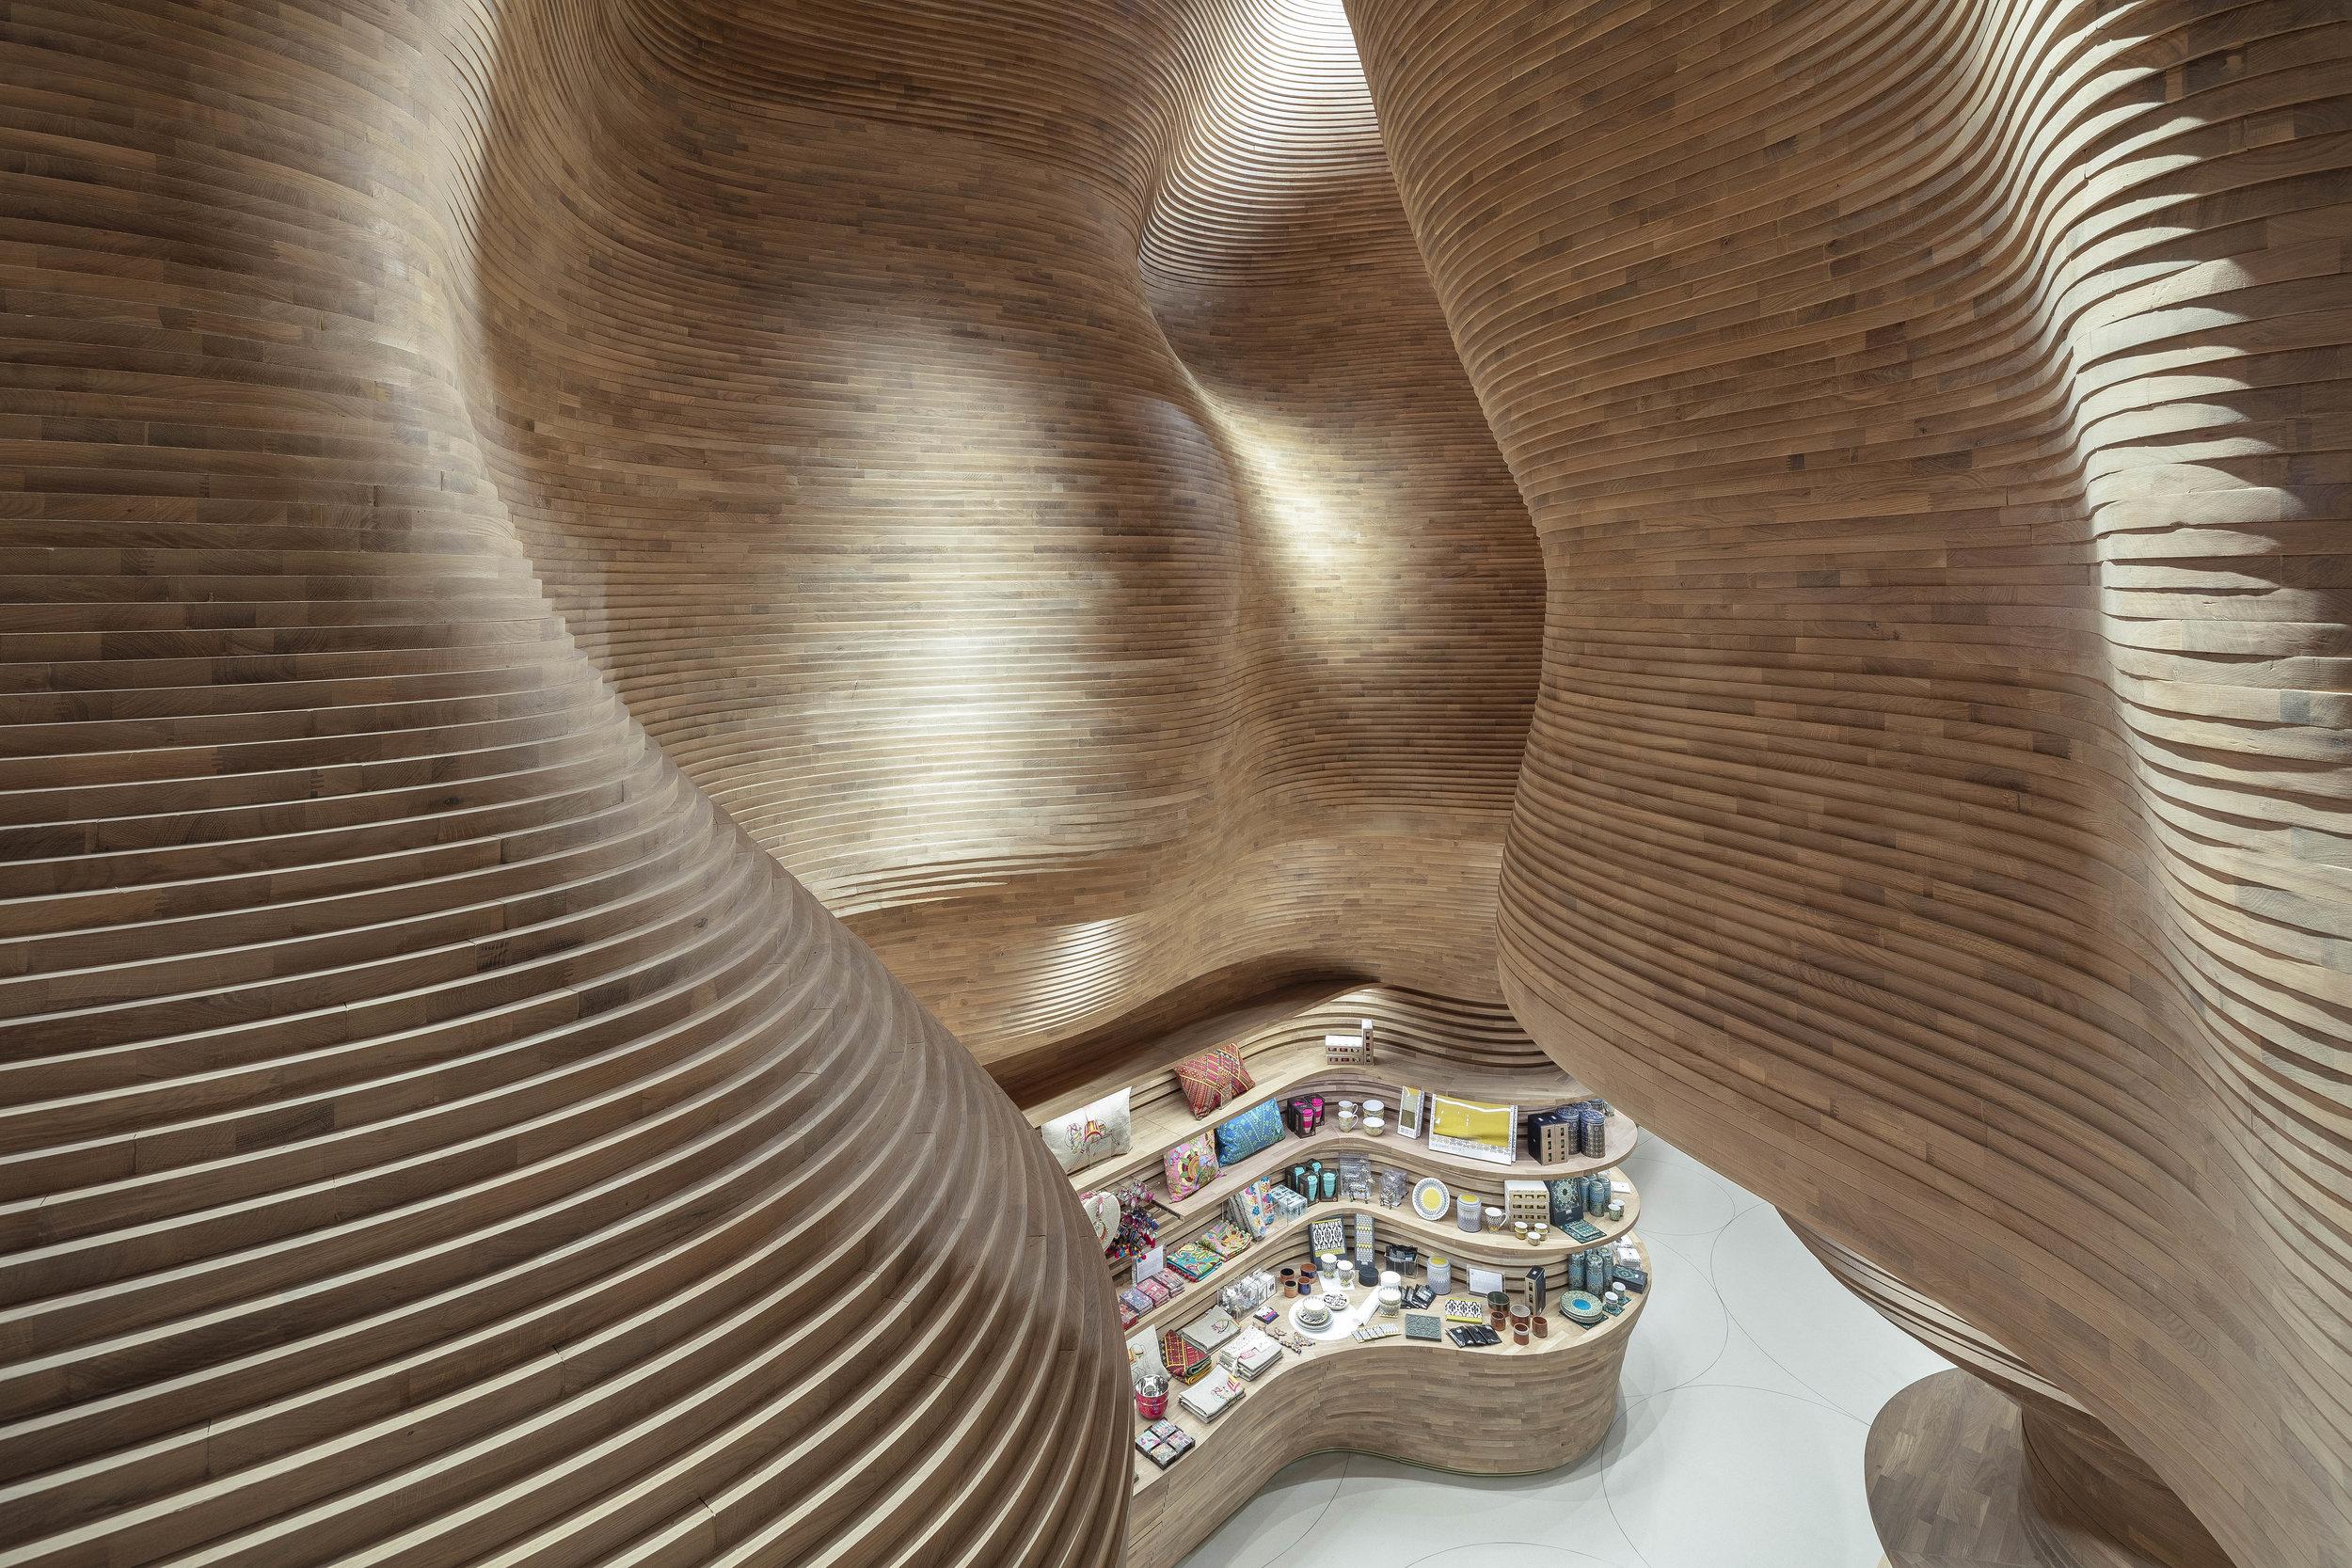 National Museum of Qatar Museum Store by Koichi Takada Architects